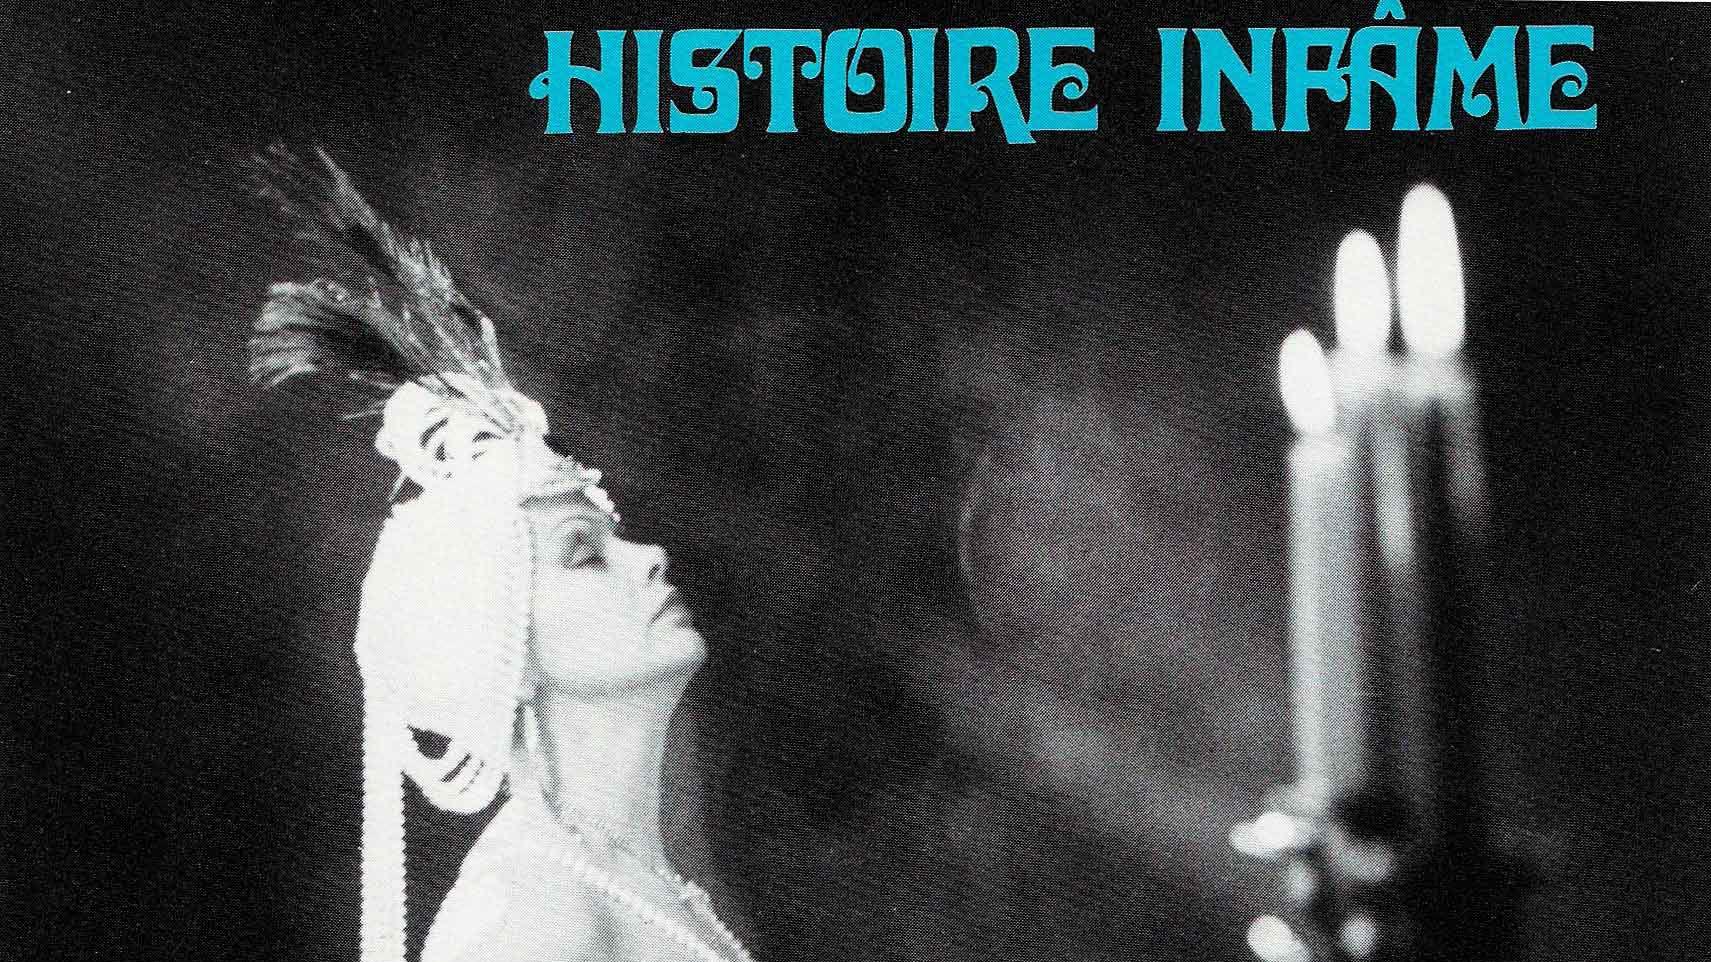 Extrait - Histoire infâme - Nicole Giguère